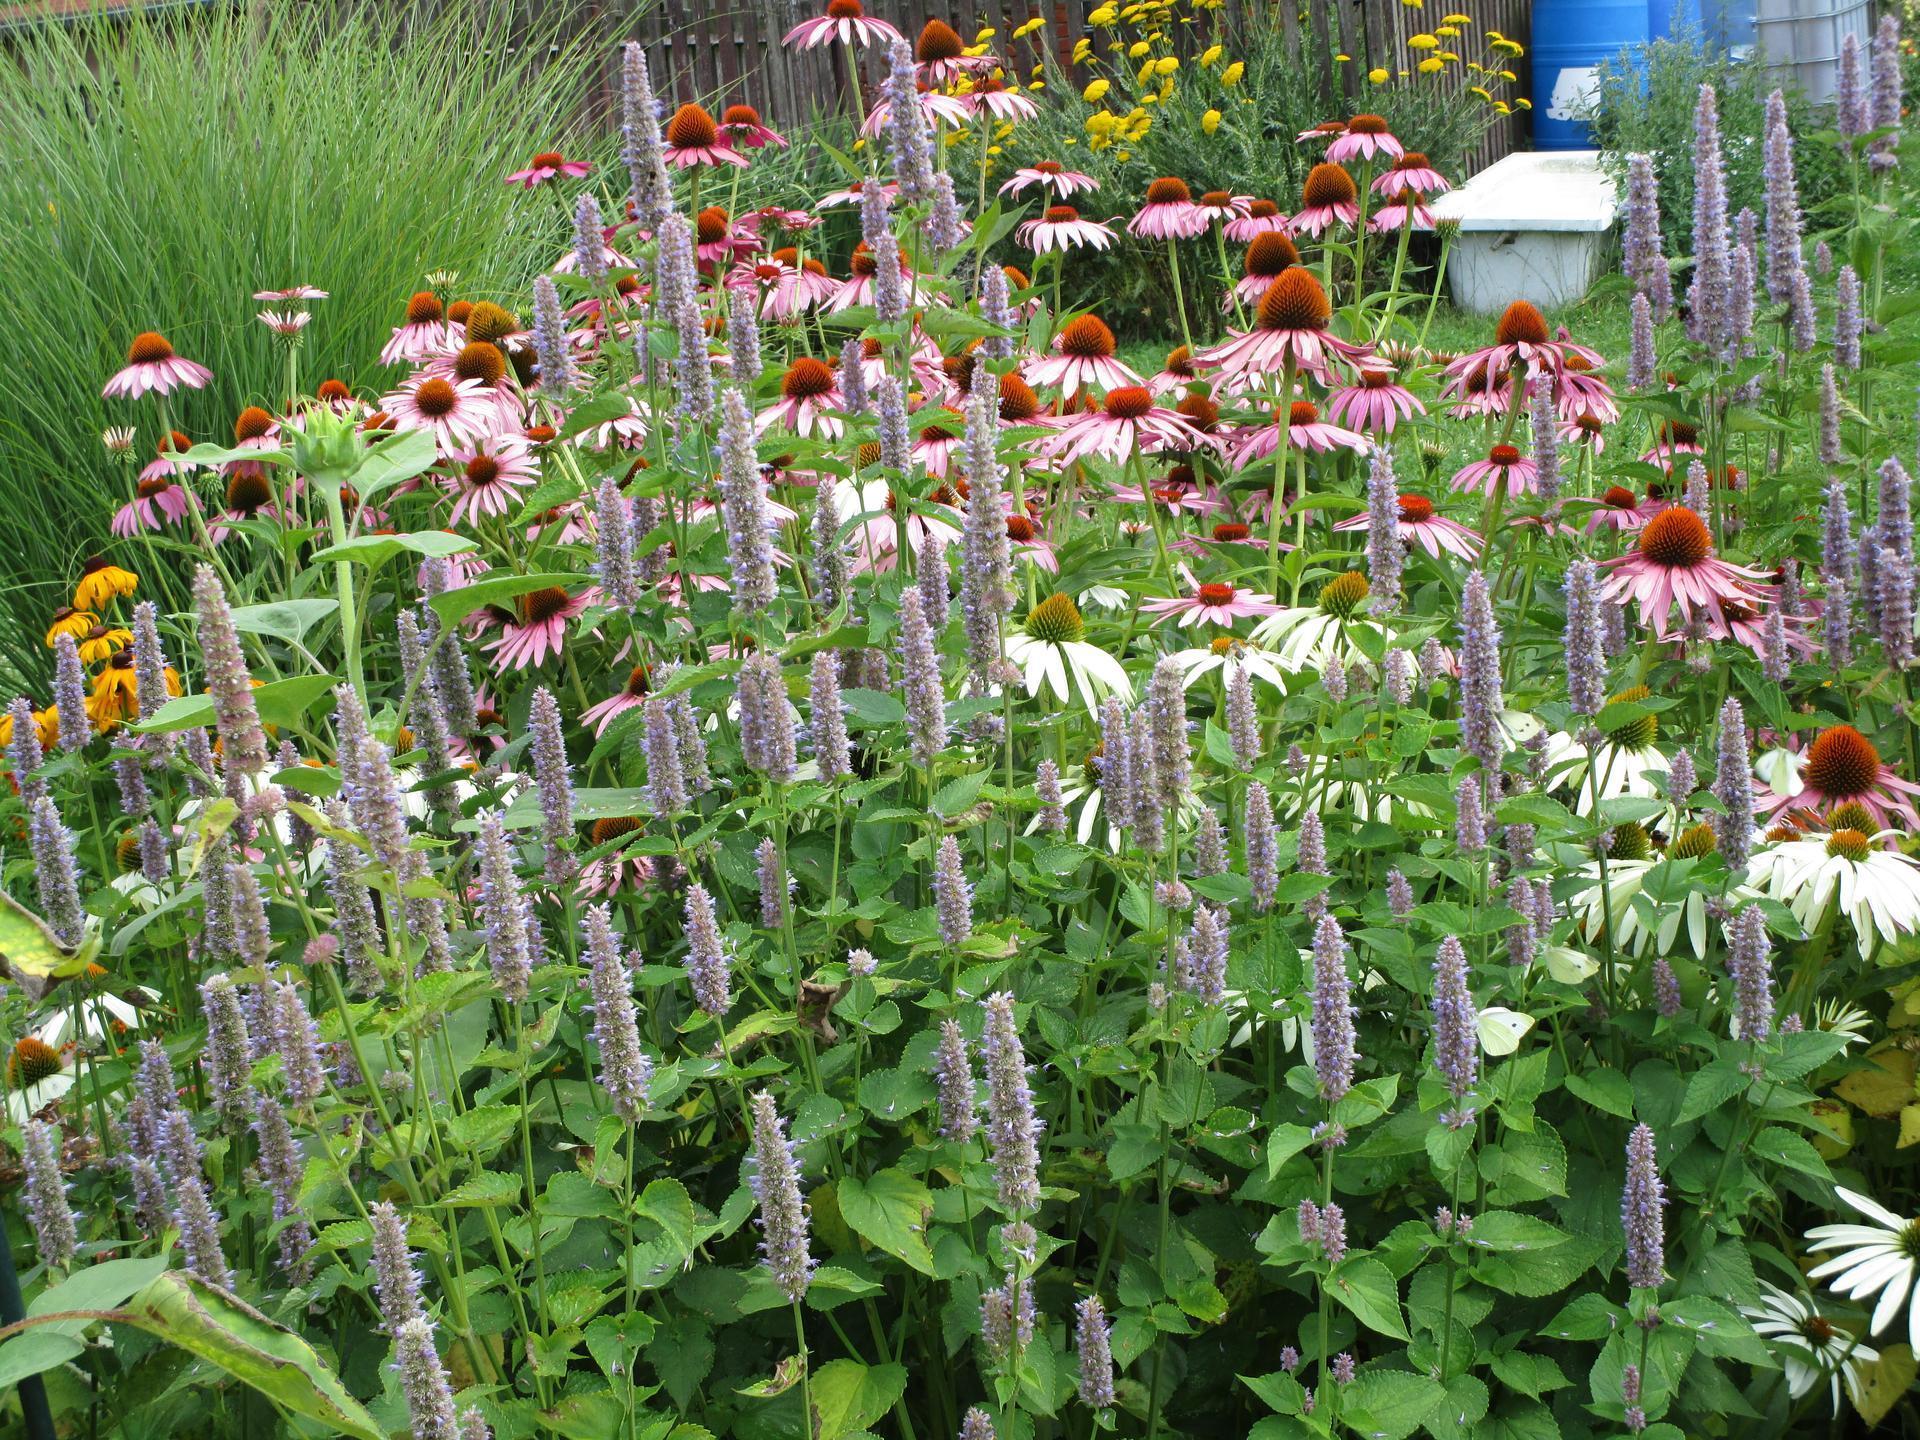 zahrada 2021 - agastache a třapatkovky